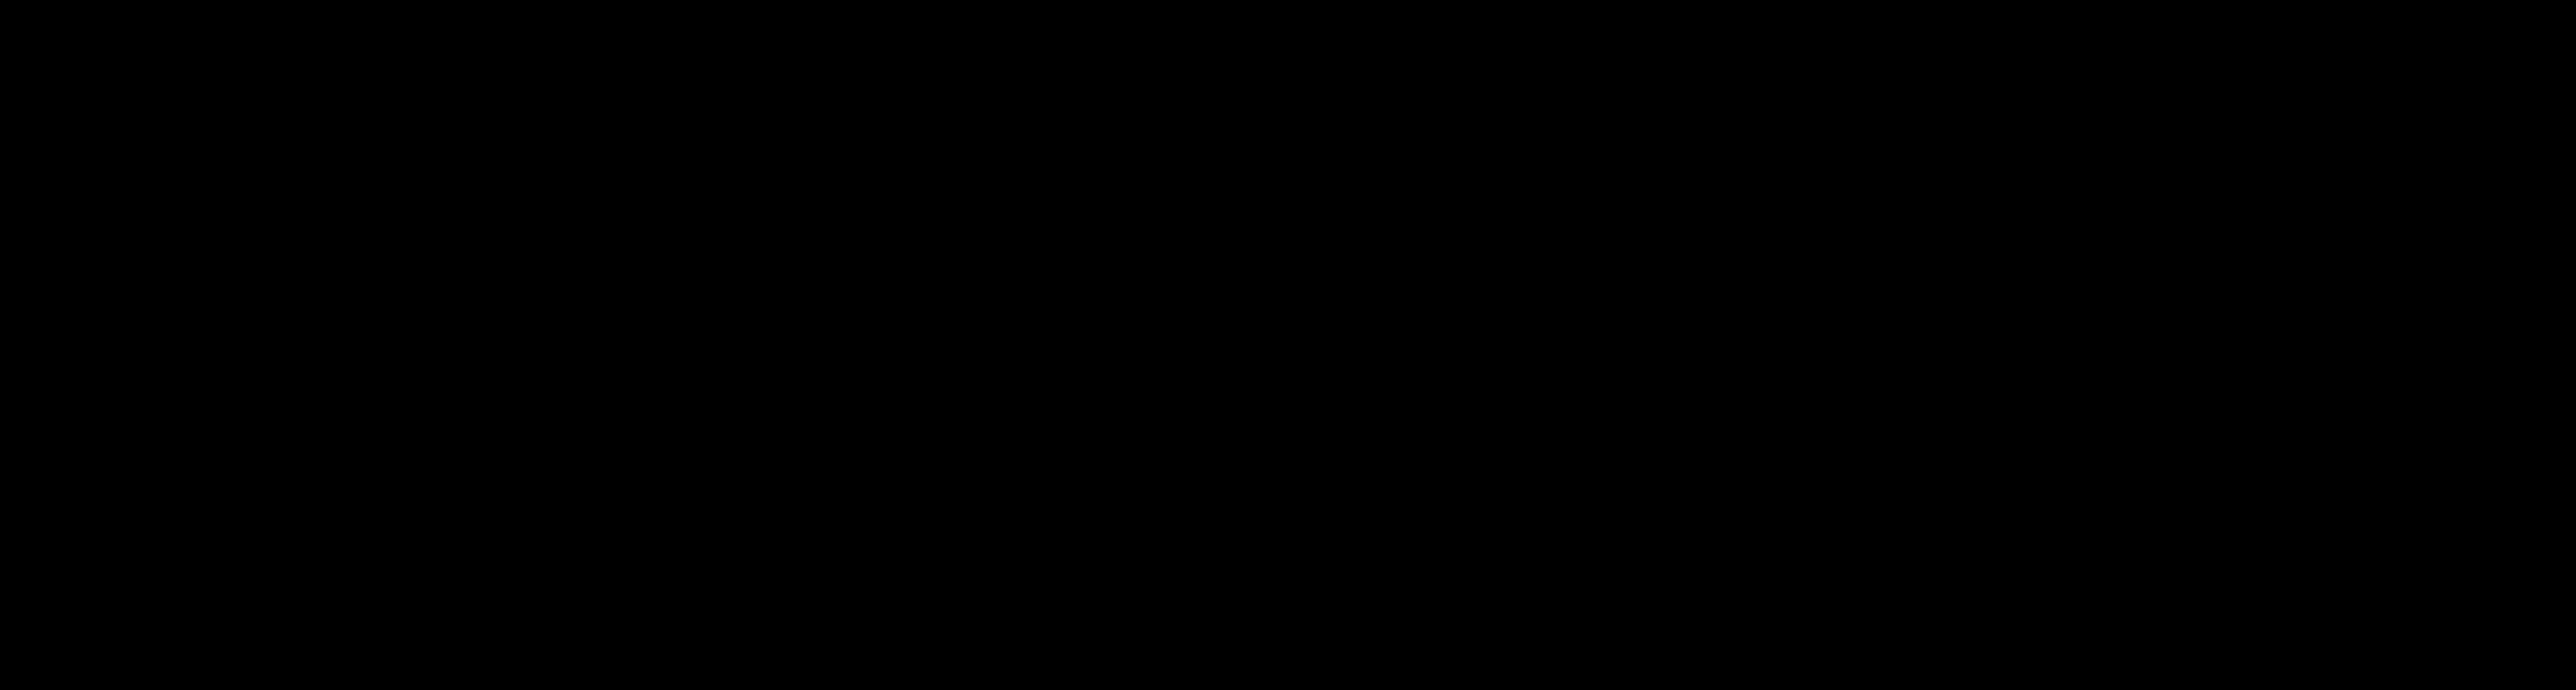 evga � logos download